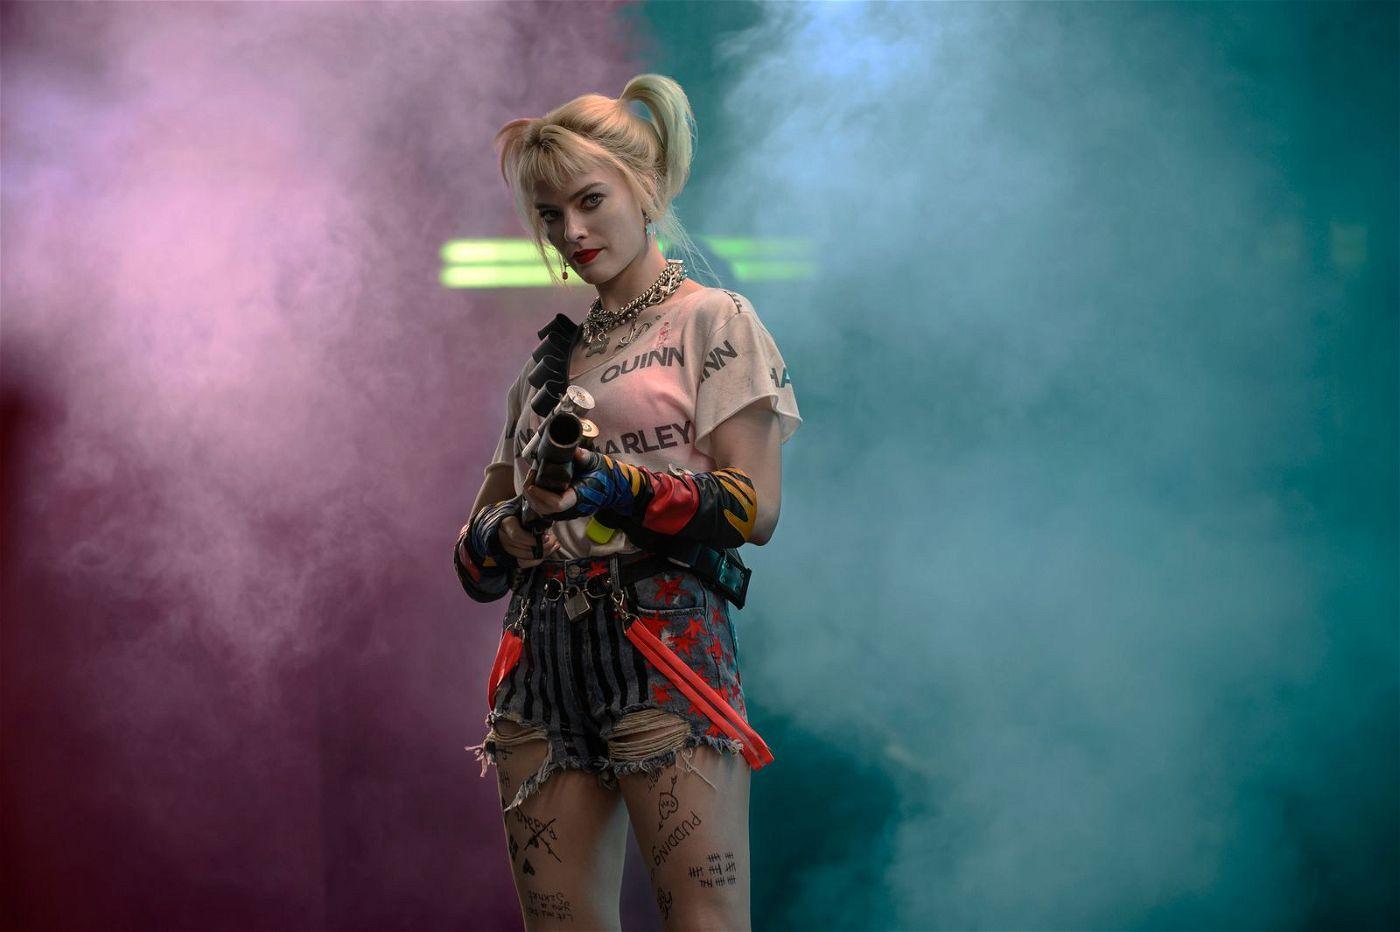 """Nach """"Suicide Squad"""" hat Antiheldin Harley Quinn (Margot Robbie) nun in ihrem ersten eigenen Film einen großen Auftritt."""